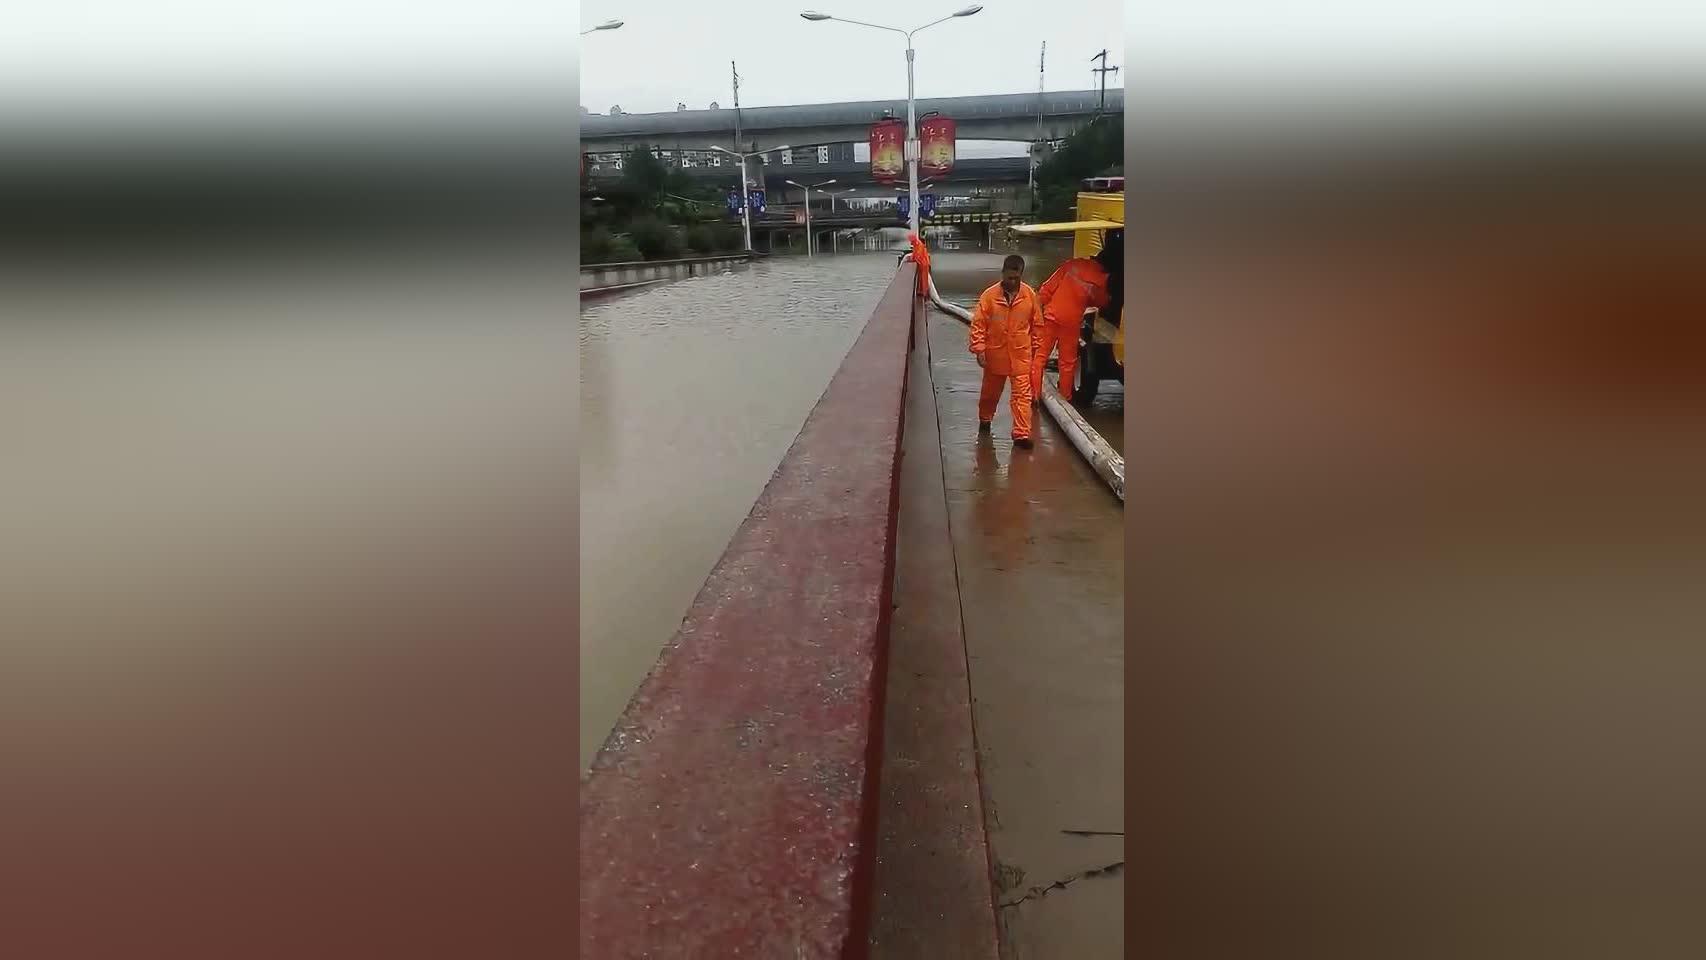 大雨来袭 丰润刘庄子桥被淹 过往市民注意